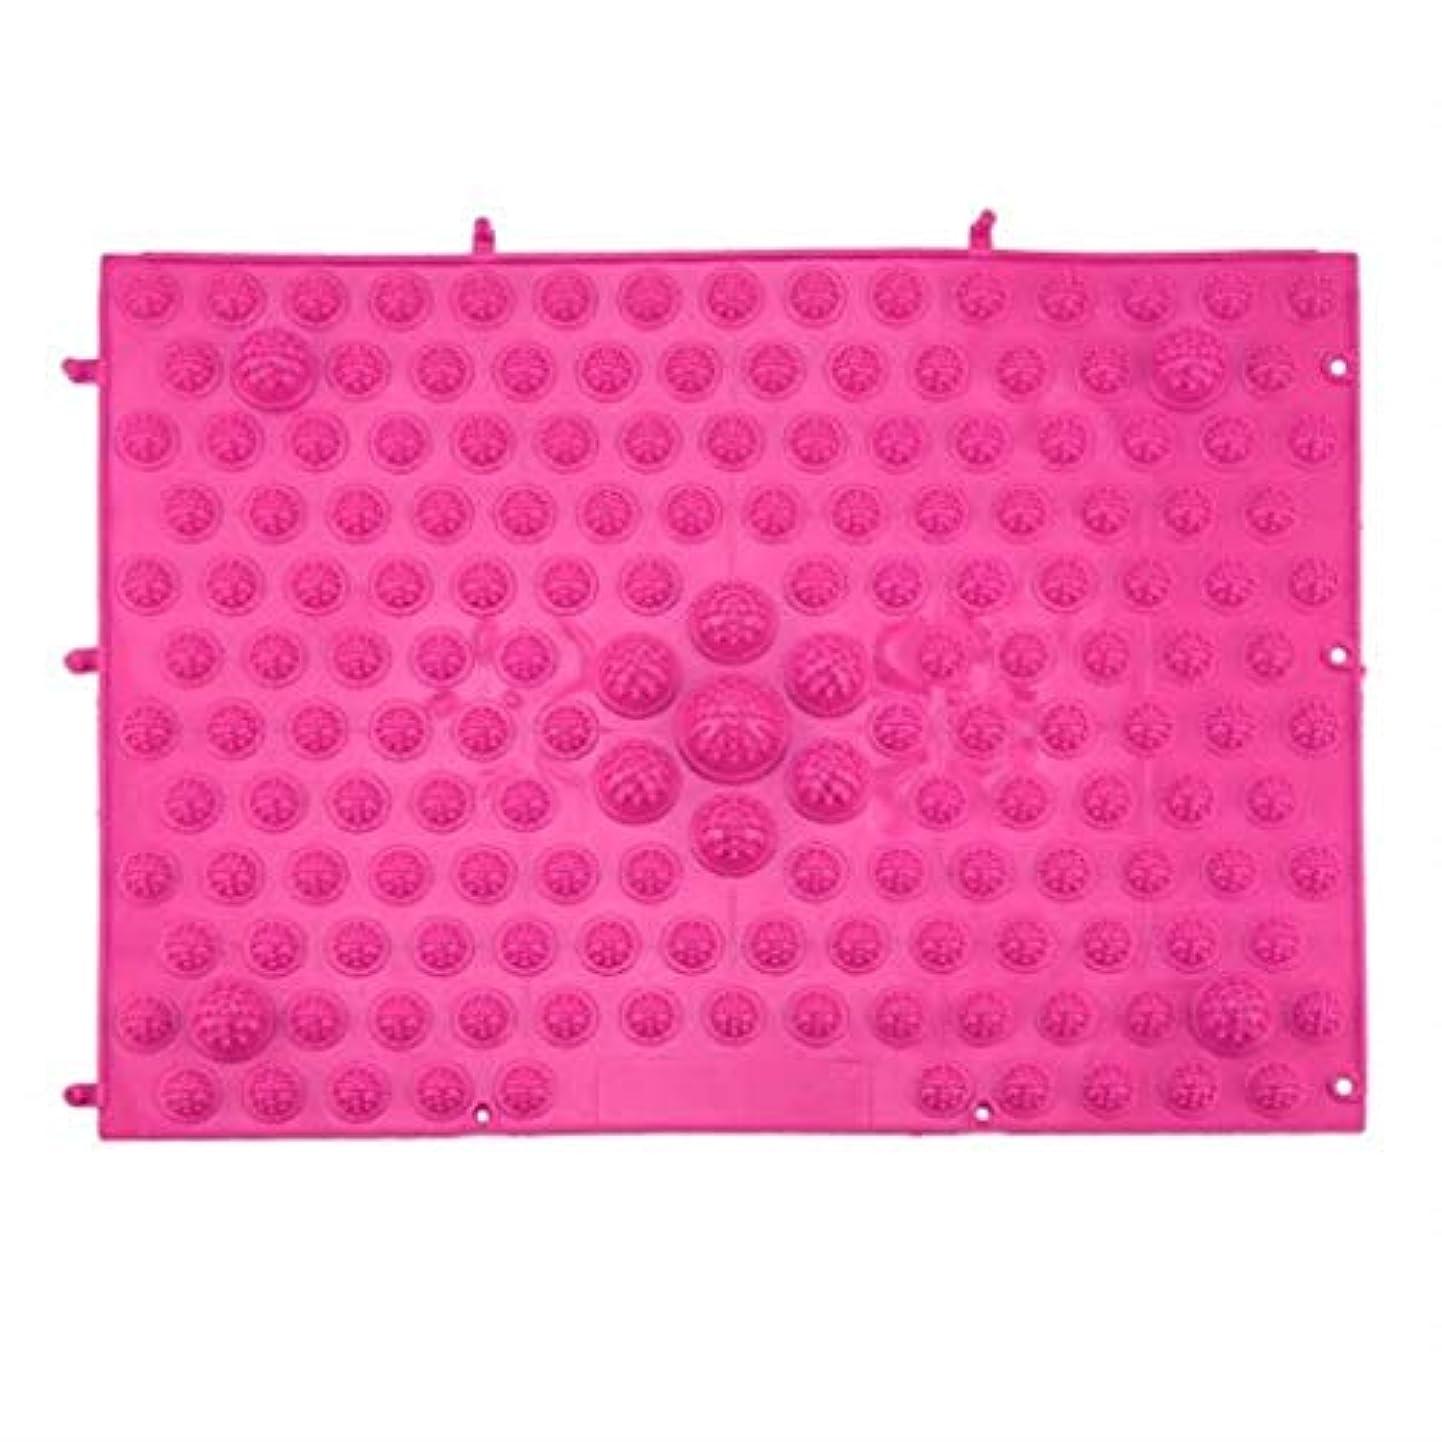 リズミカルな記録発送マッサージクッション、指圧フットパッド、リフレクソロジーウォーキングマッサージパッド、痛みを和らげ、筋肉をリラックス37x27.5cm (Color : Rose Red)